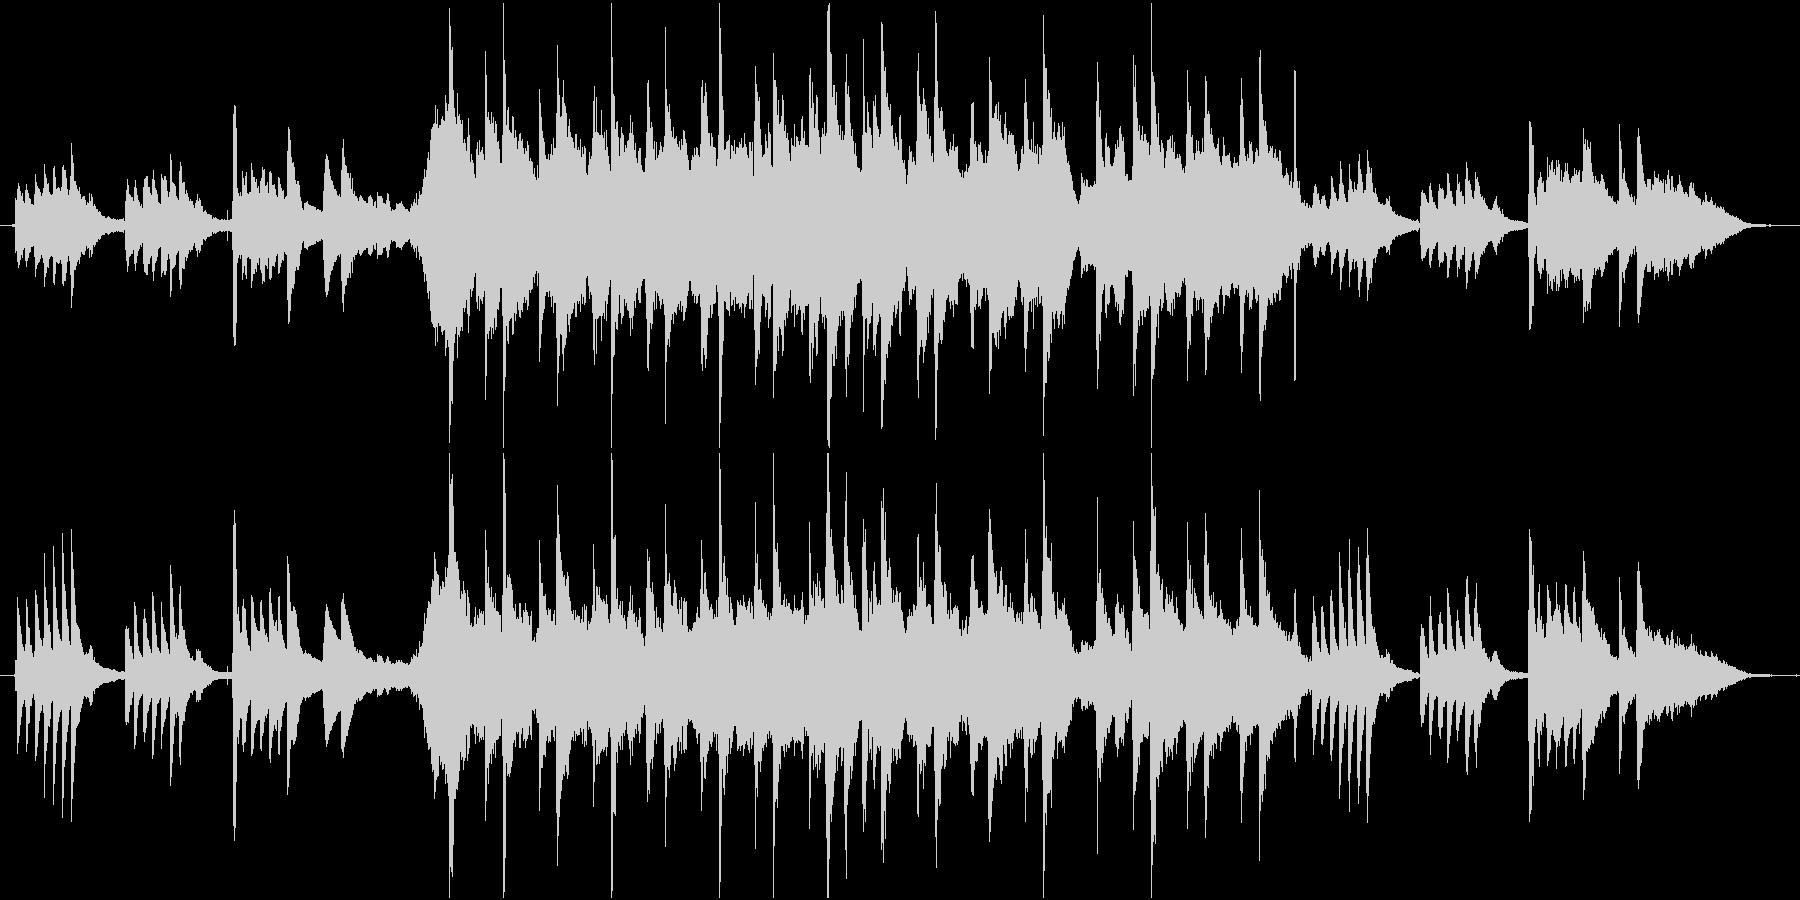 尺八とピアノがメインのバラードの未再生の波形